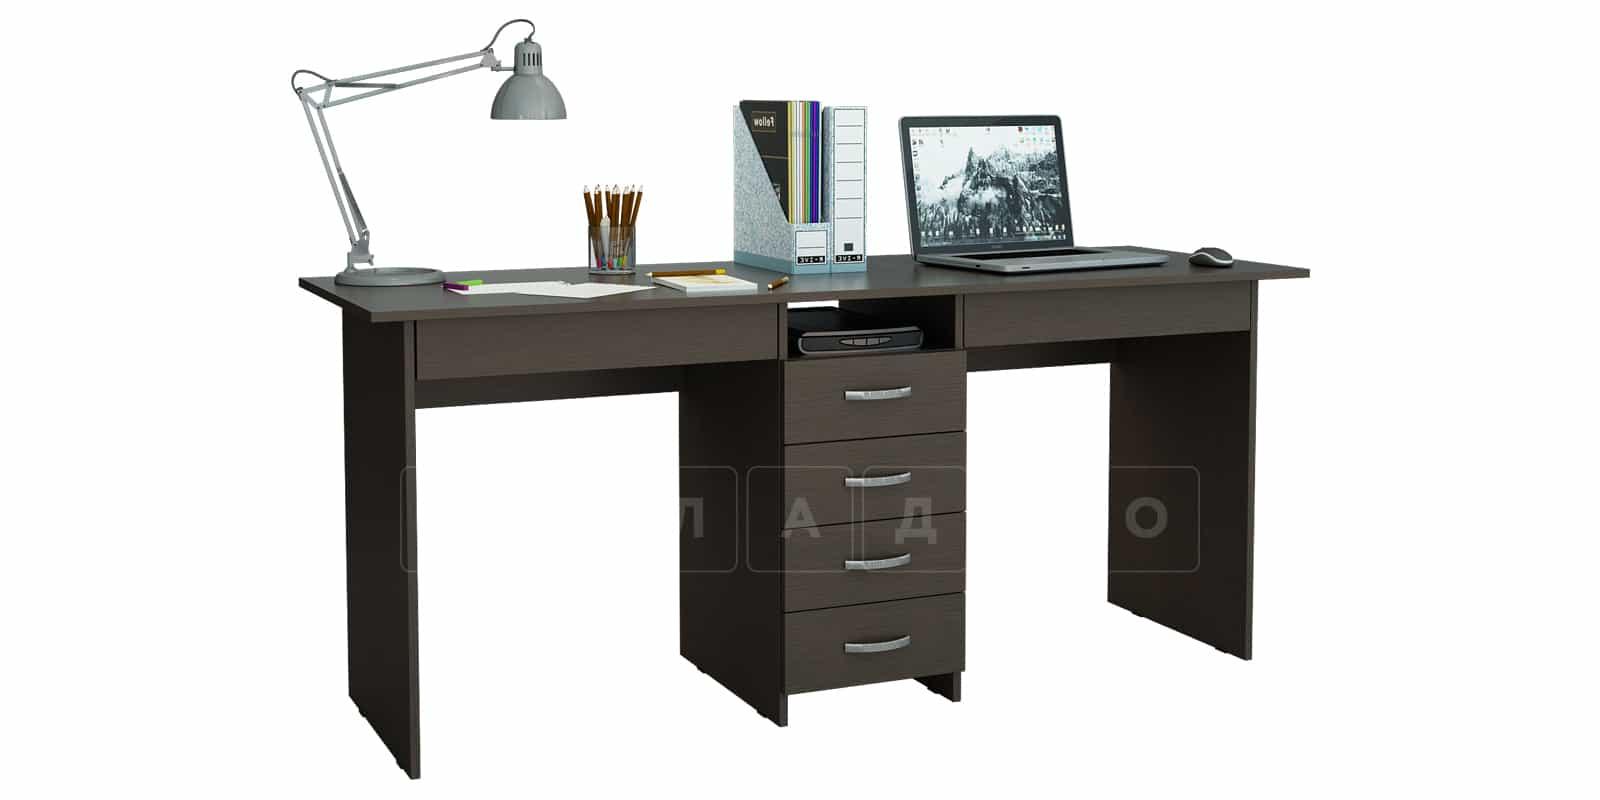 Офисный стол Кейптаун 6 ящиков фото 4 | интернет-магазин Складно